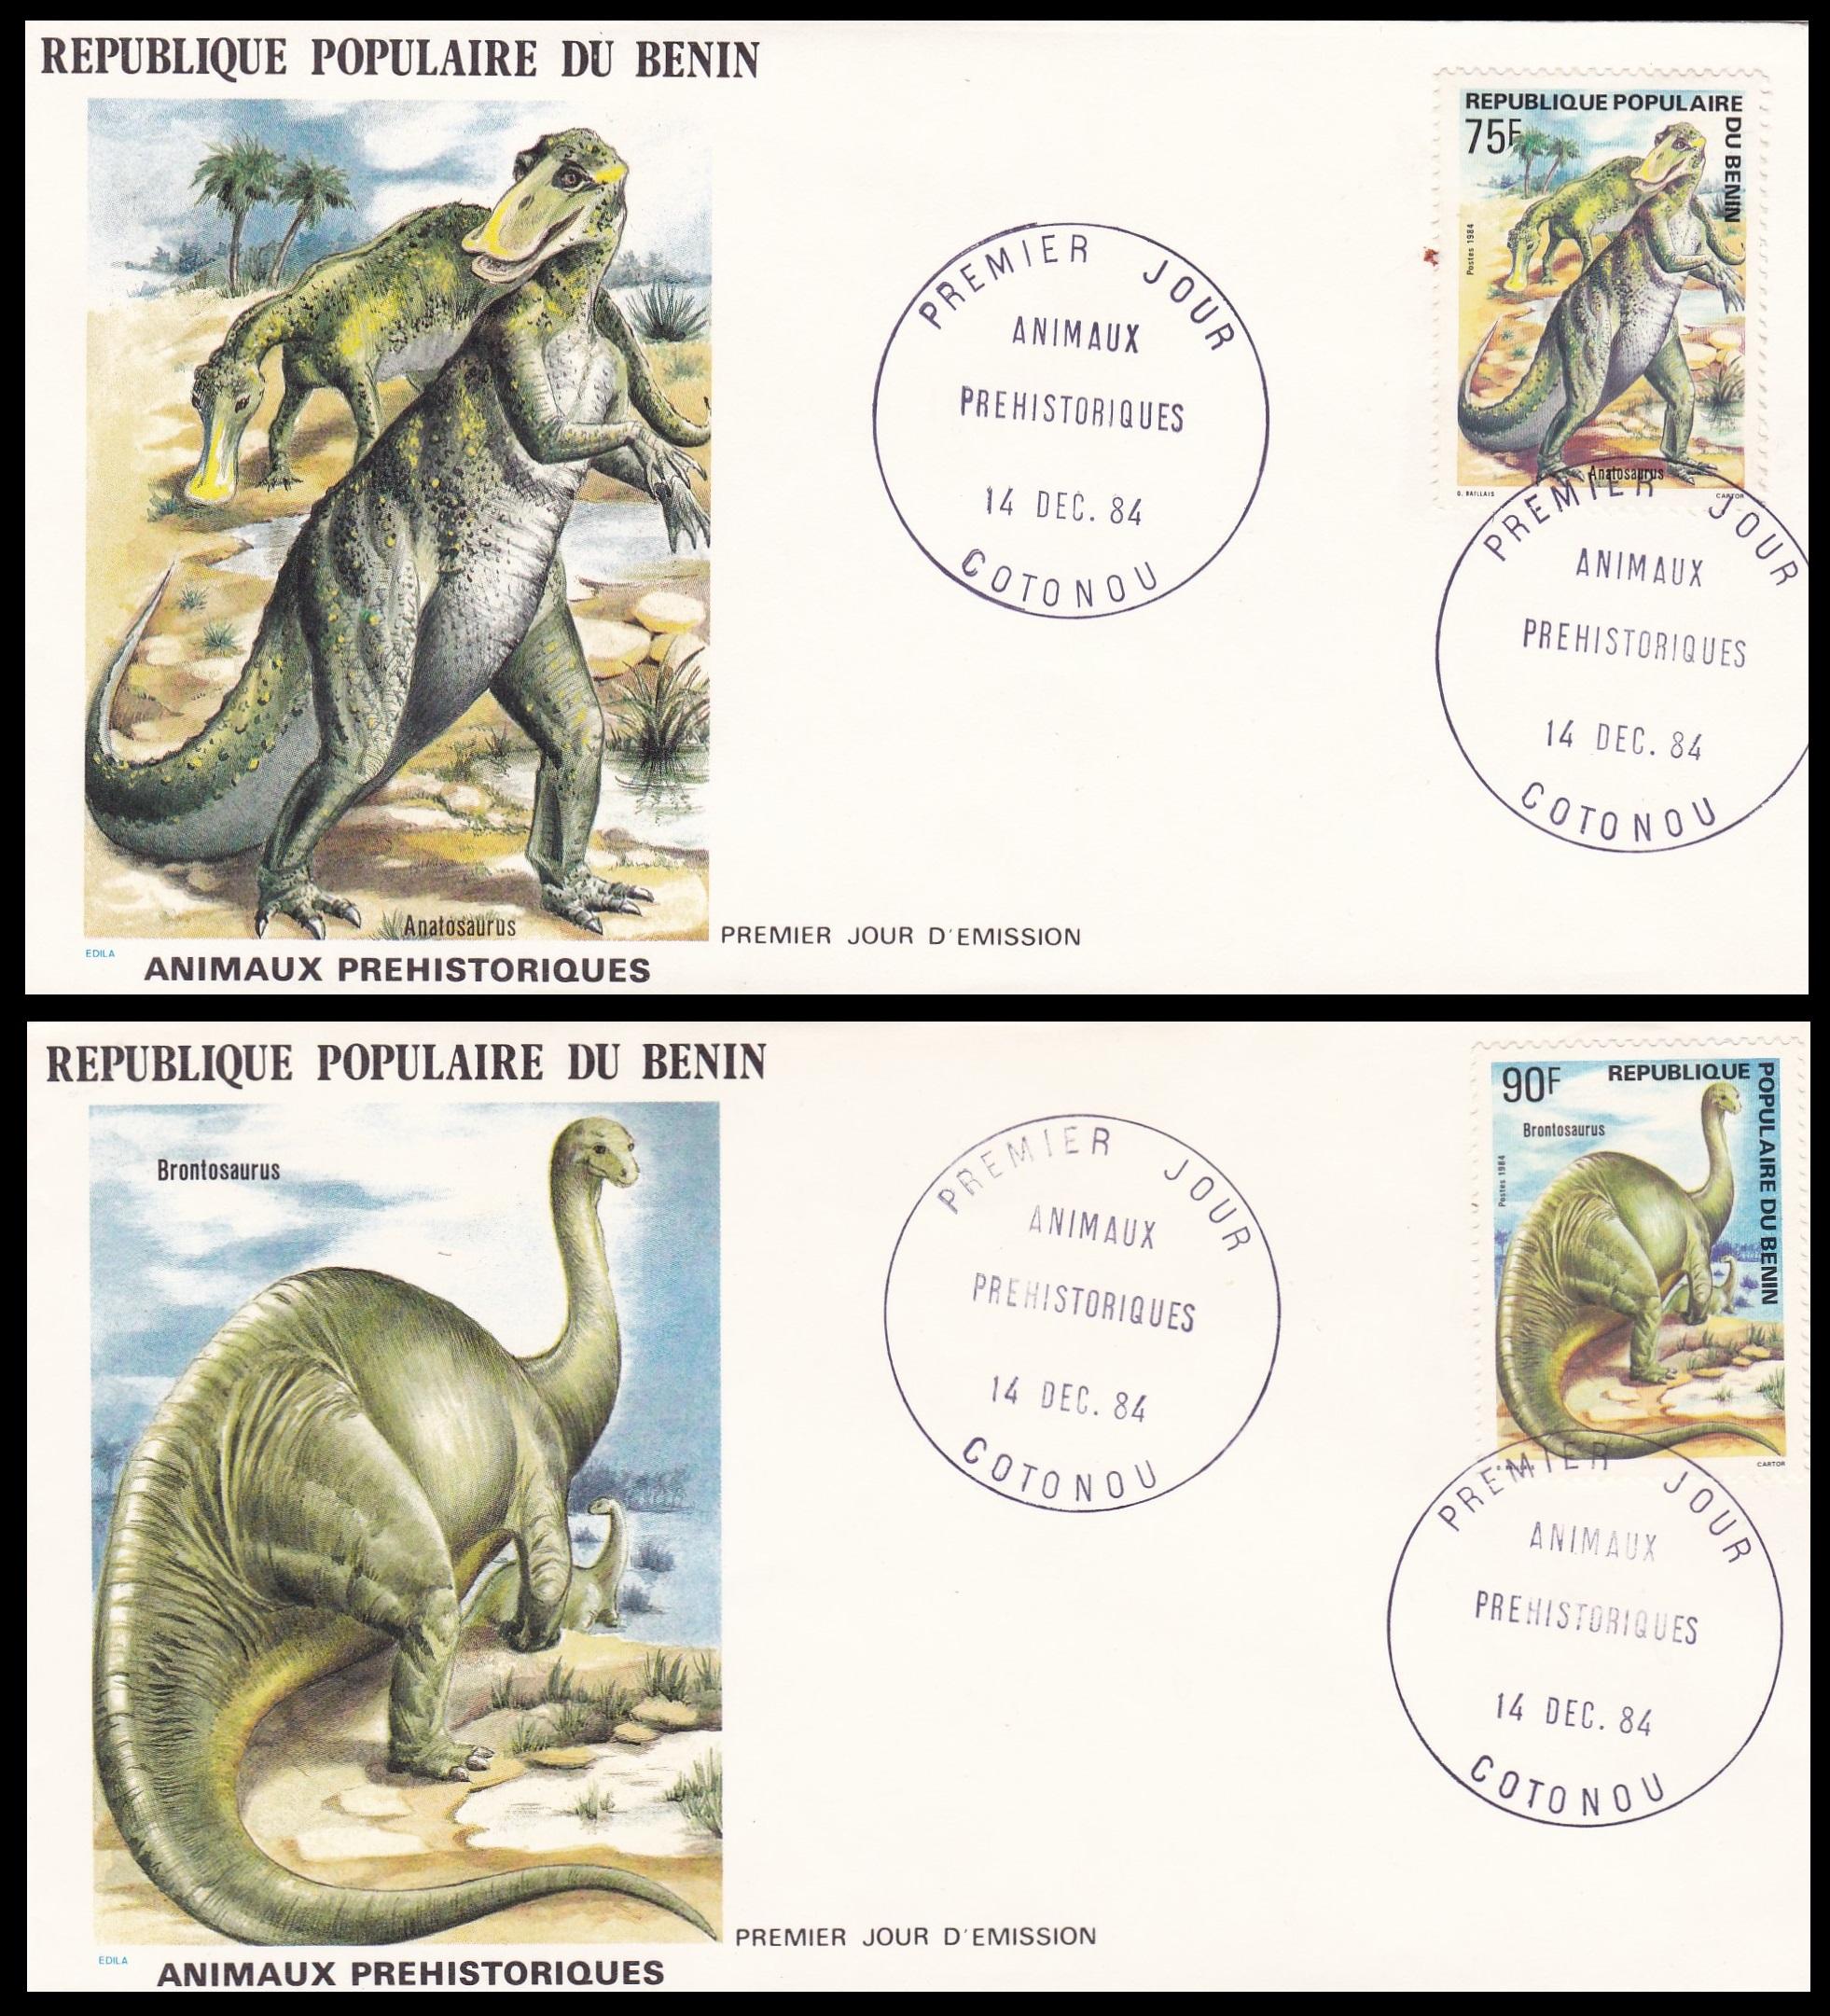 Paleophilatelie: Paläontologie und Philatelie  Benin_1984_fdc2